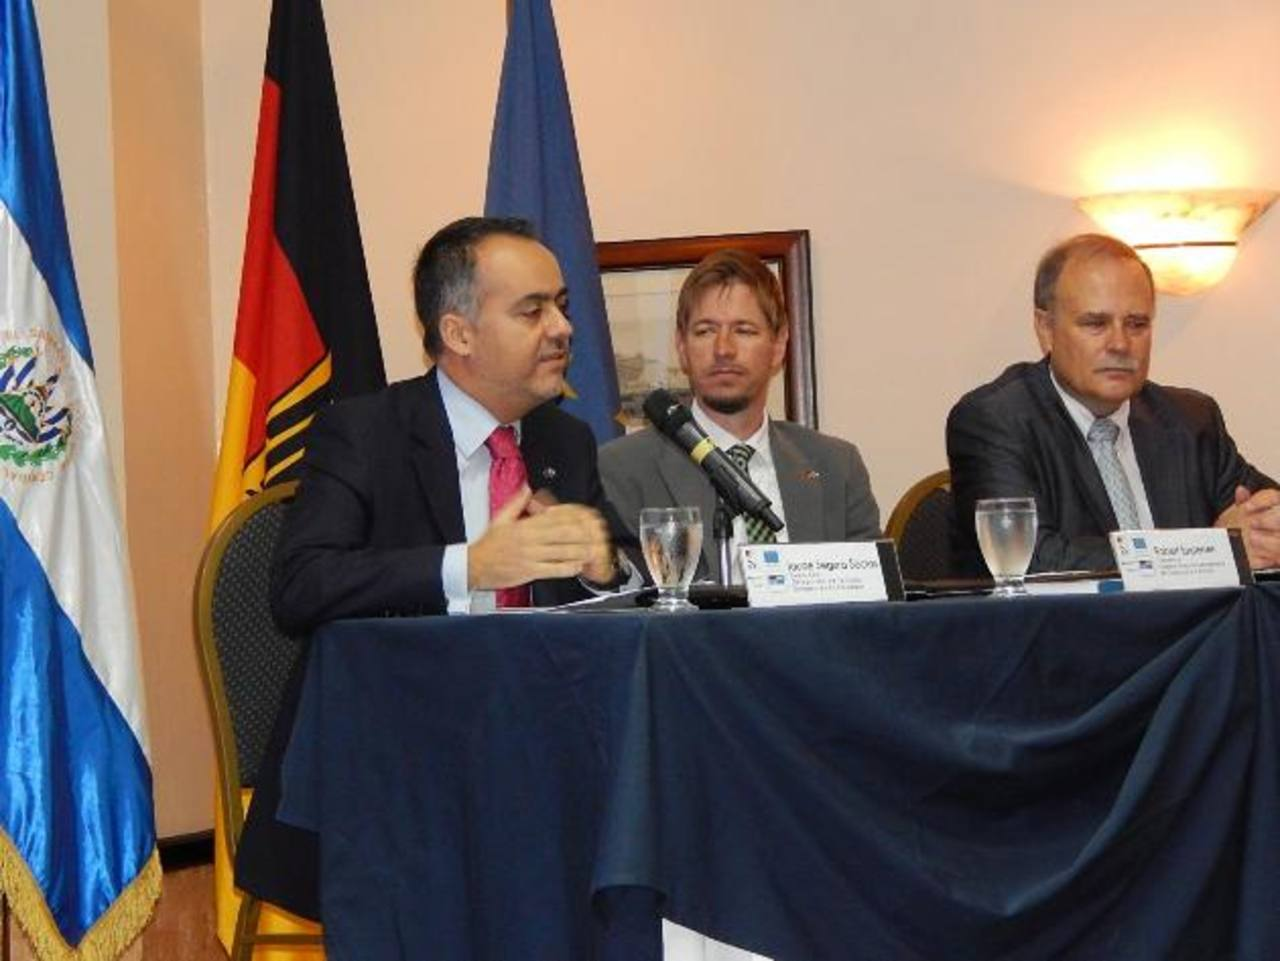 Embajador de la UE (izquierda) explicó aspectos del AdA a empresarios. Foto edh / Cortesía